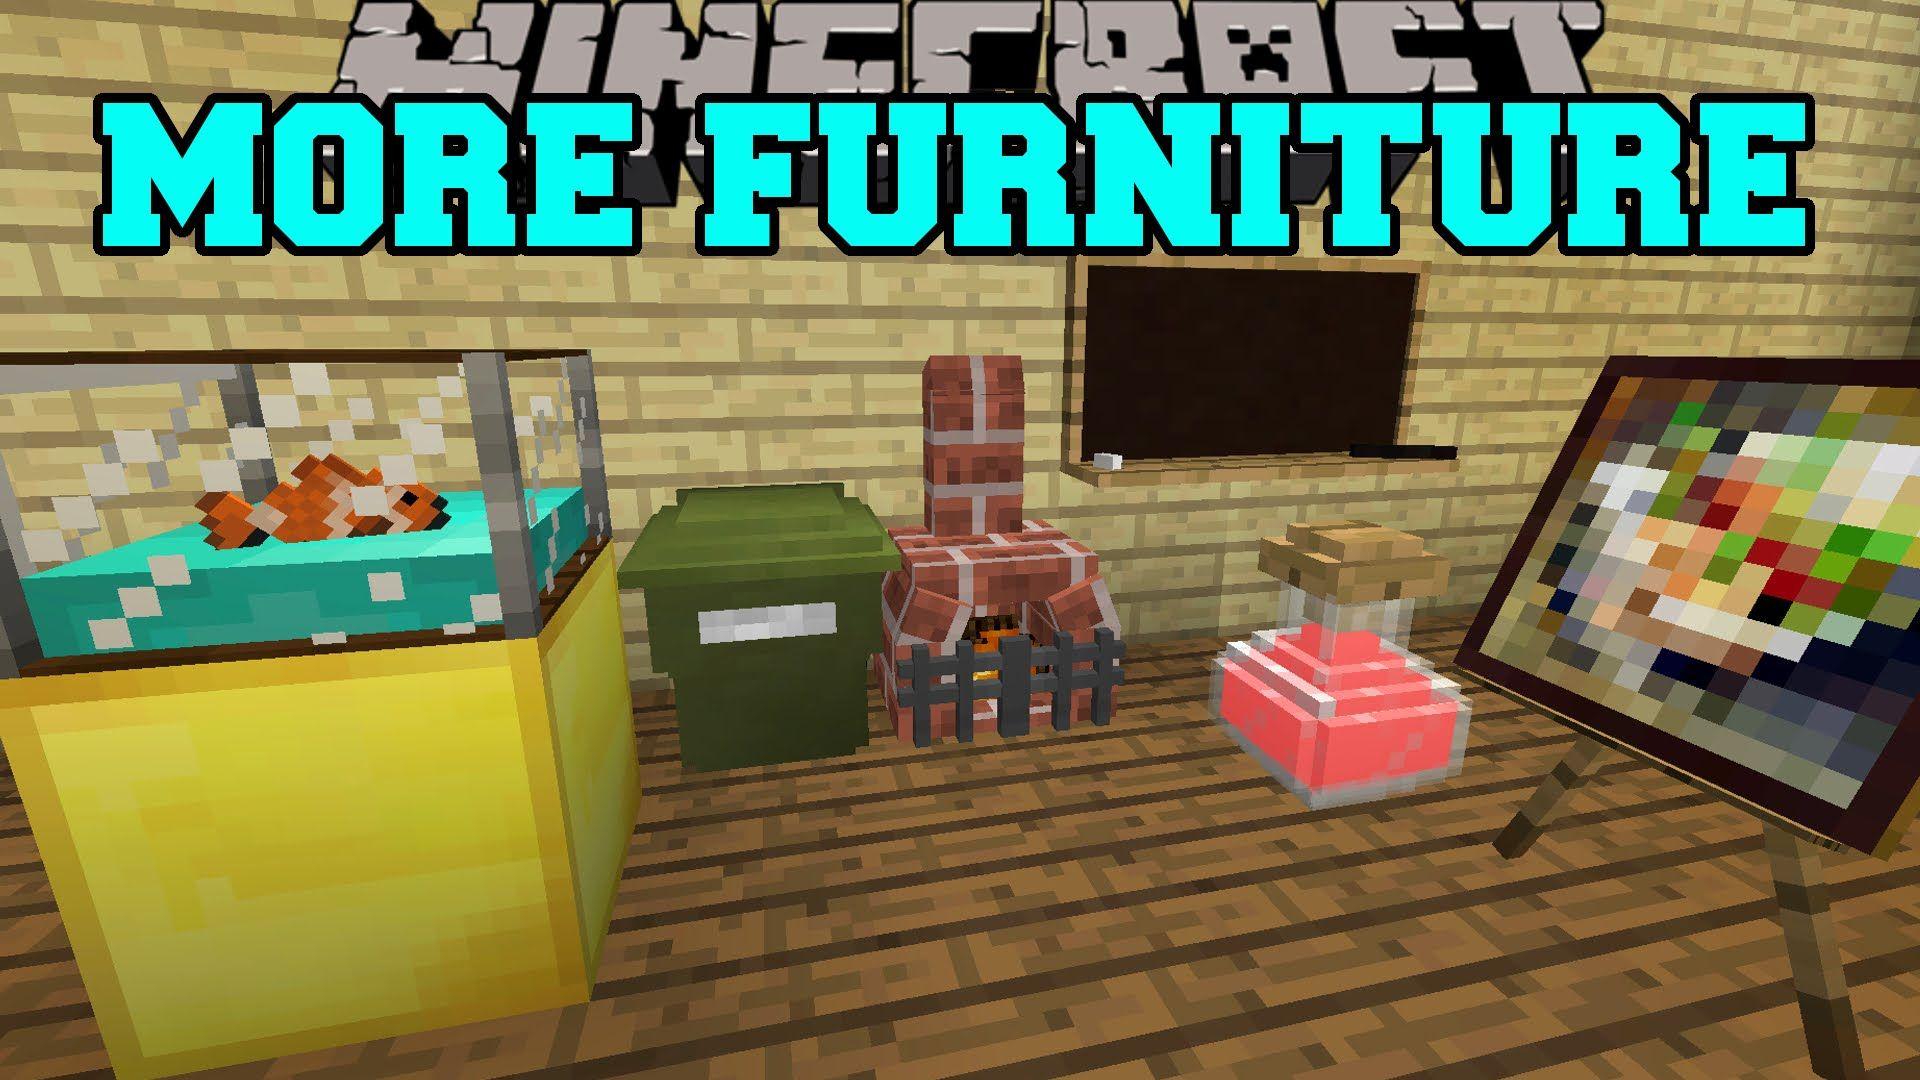 Minecraft More Furniture Aquarium Garbage Can Office Chair More Mod Showcase Minecraft Furniture Mincraft Mods Minecraft